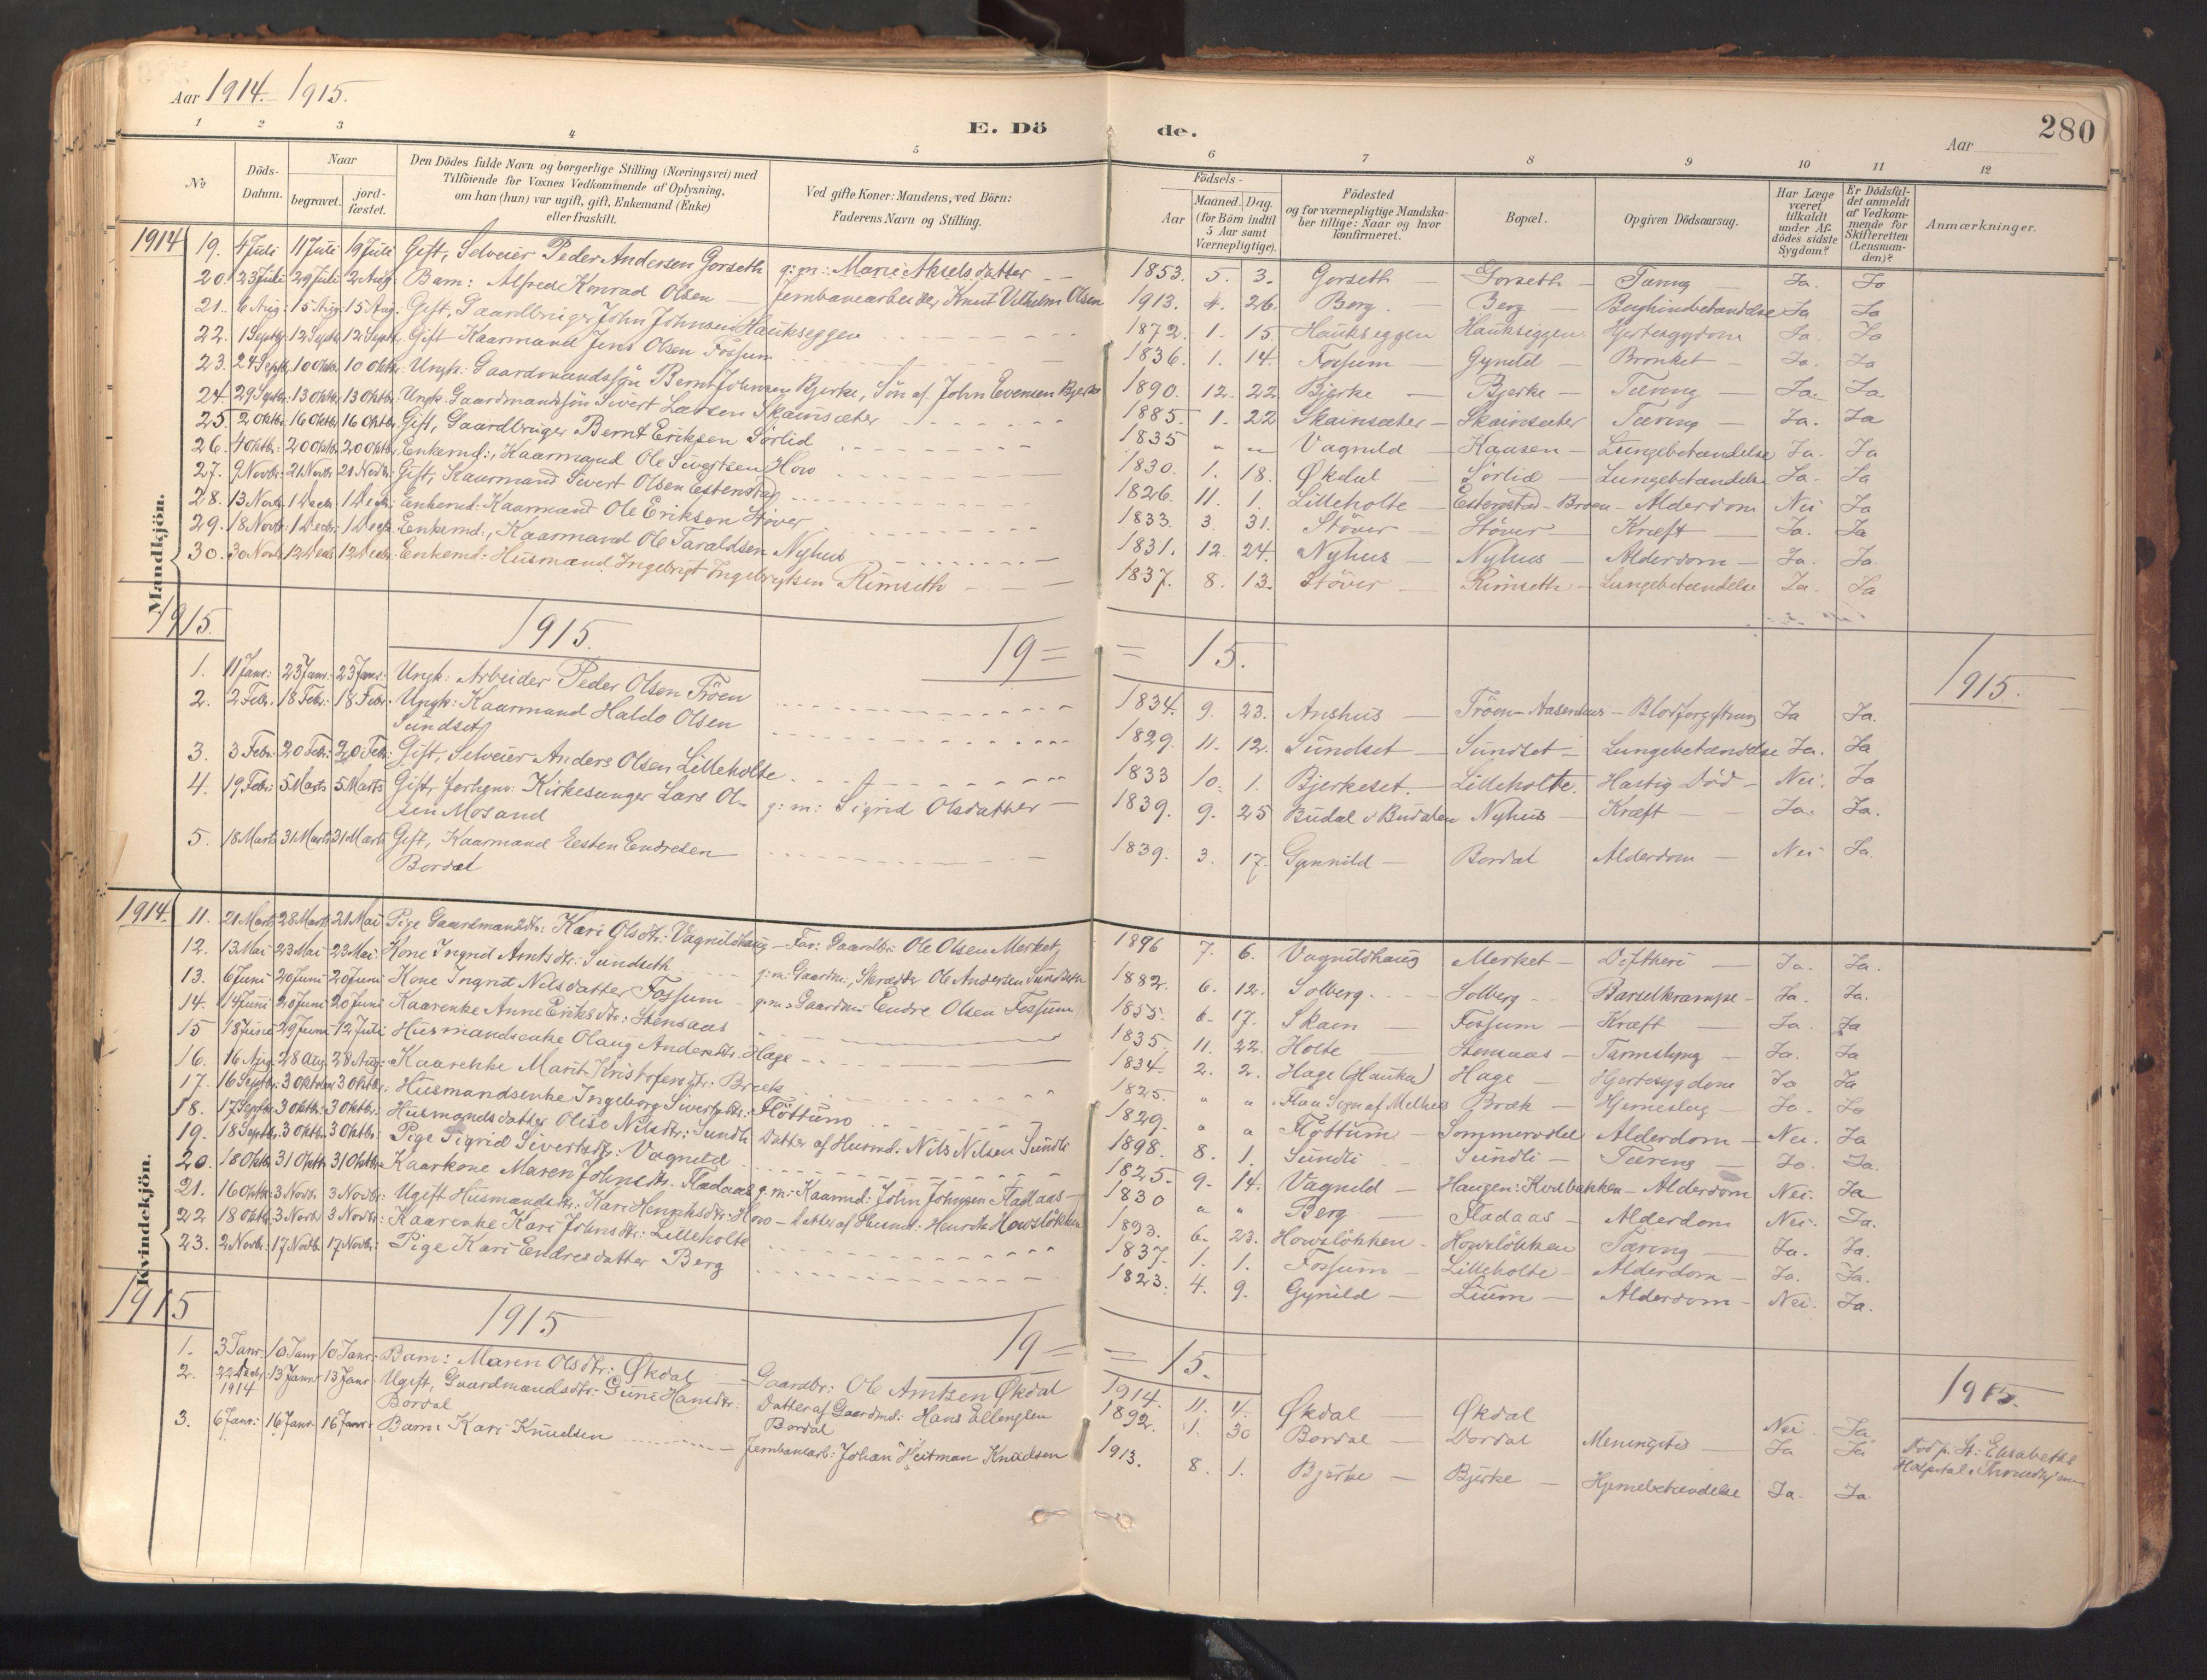 SAT, Ministerialprotokoller, klokkerbøker og fødselsregistre - Sør-Trøndelag, 689/L1041: Ministerialbok nr. 689A06, 1891-1923, s. 280